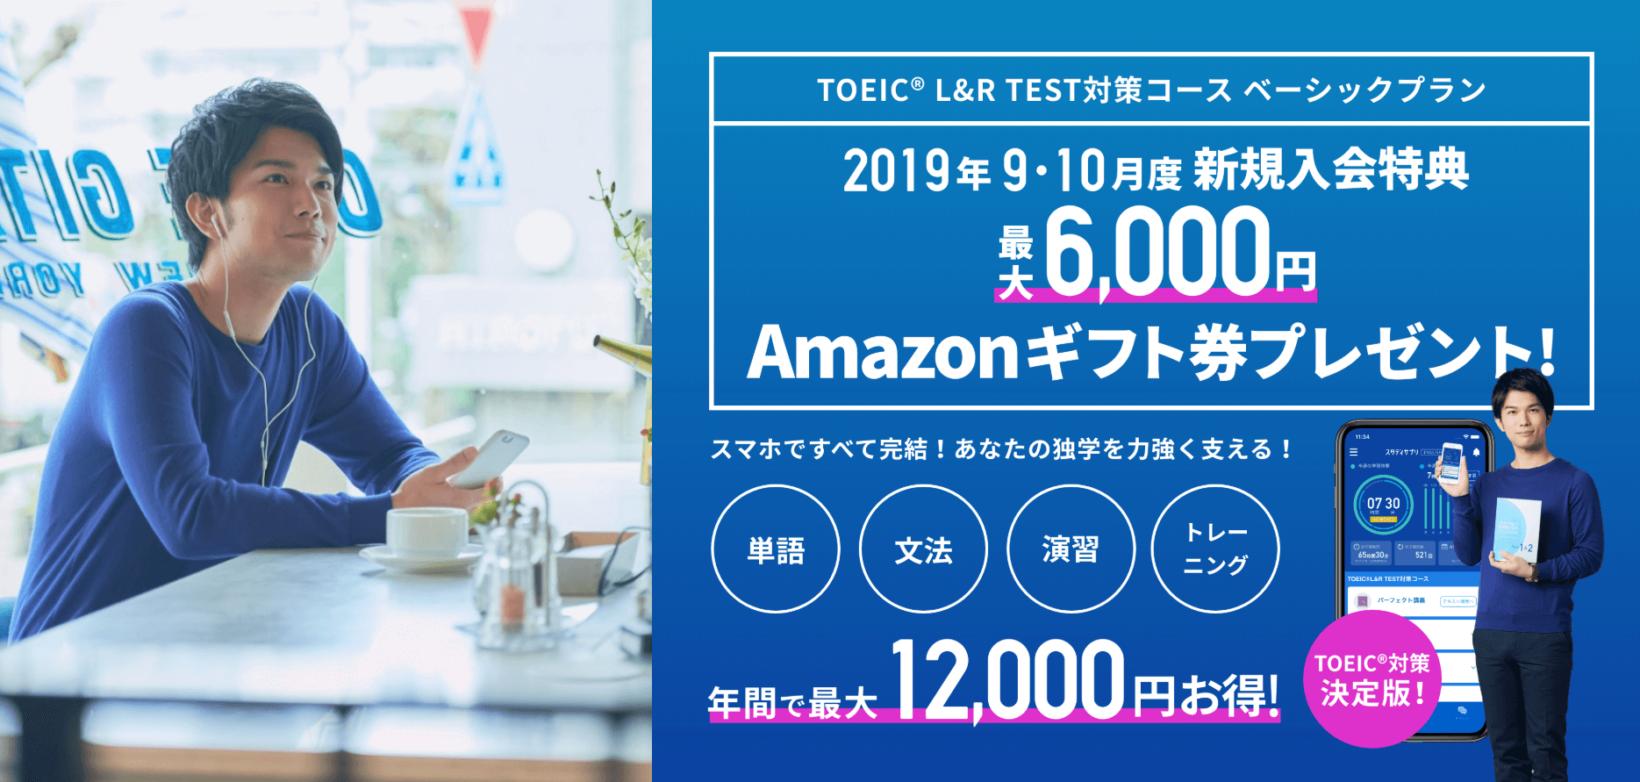 スタディサプリは、月額2980円でTOEICを学習できるアプリです。英単語や文法から本番形式の模試まで幅広く対応しています。TOEICで満点を取った講師の解説動画が300本収録されており、映像を見ながら勉強可能です。